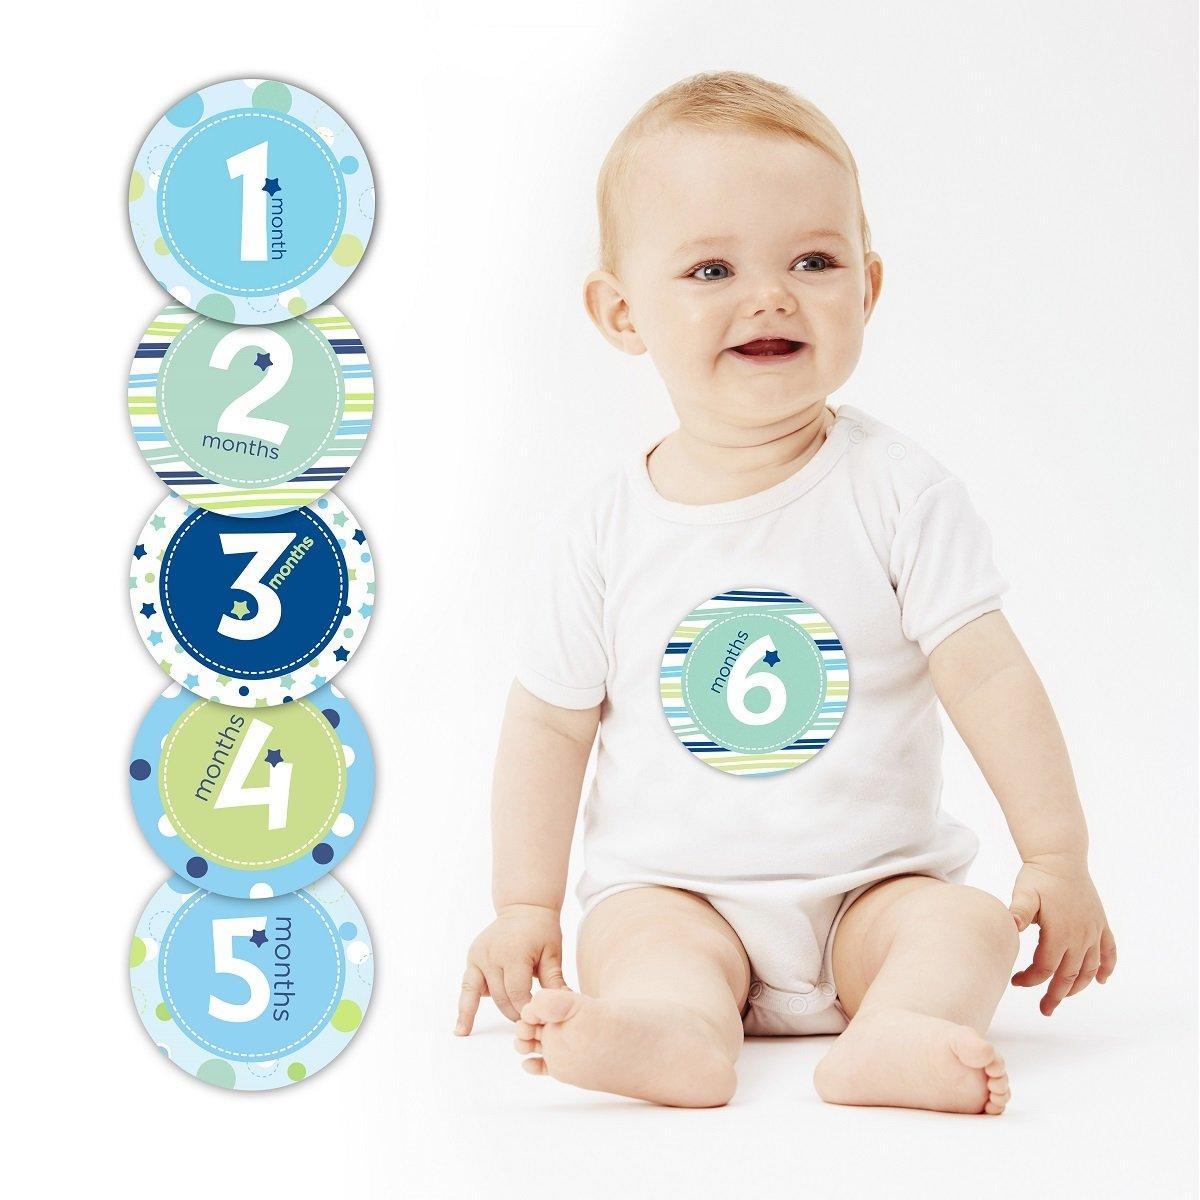 第一年寶寶成長月份貼紙 - 藍色